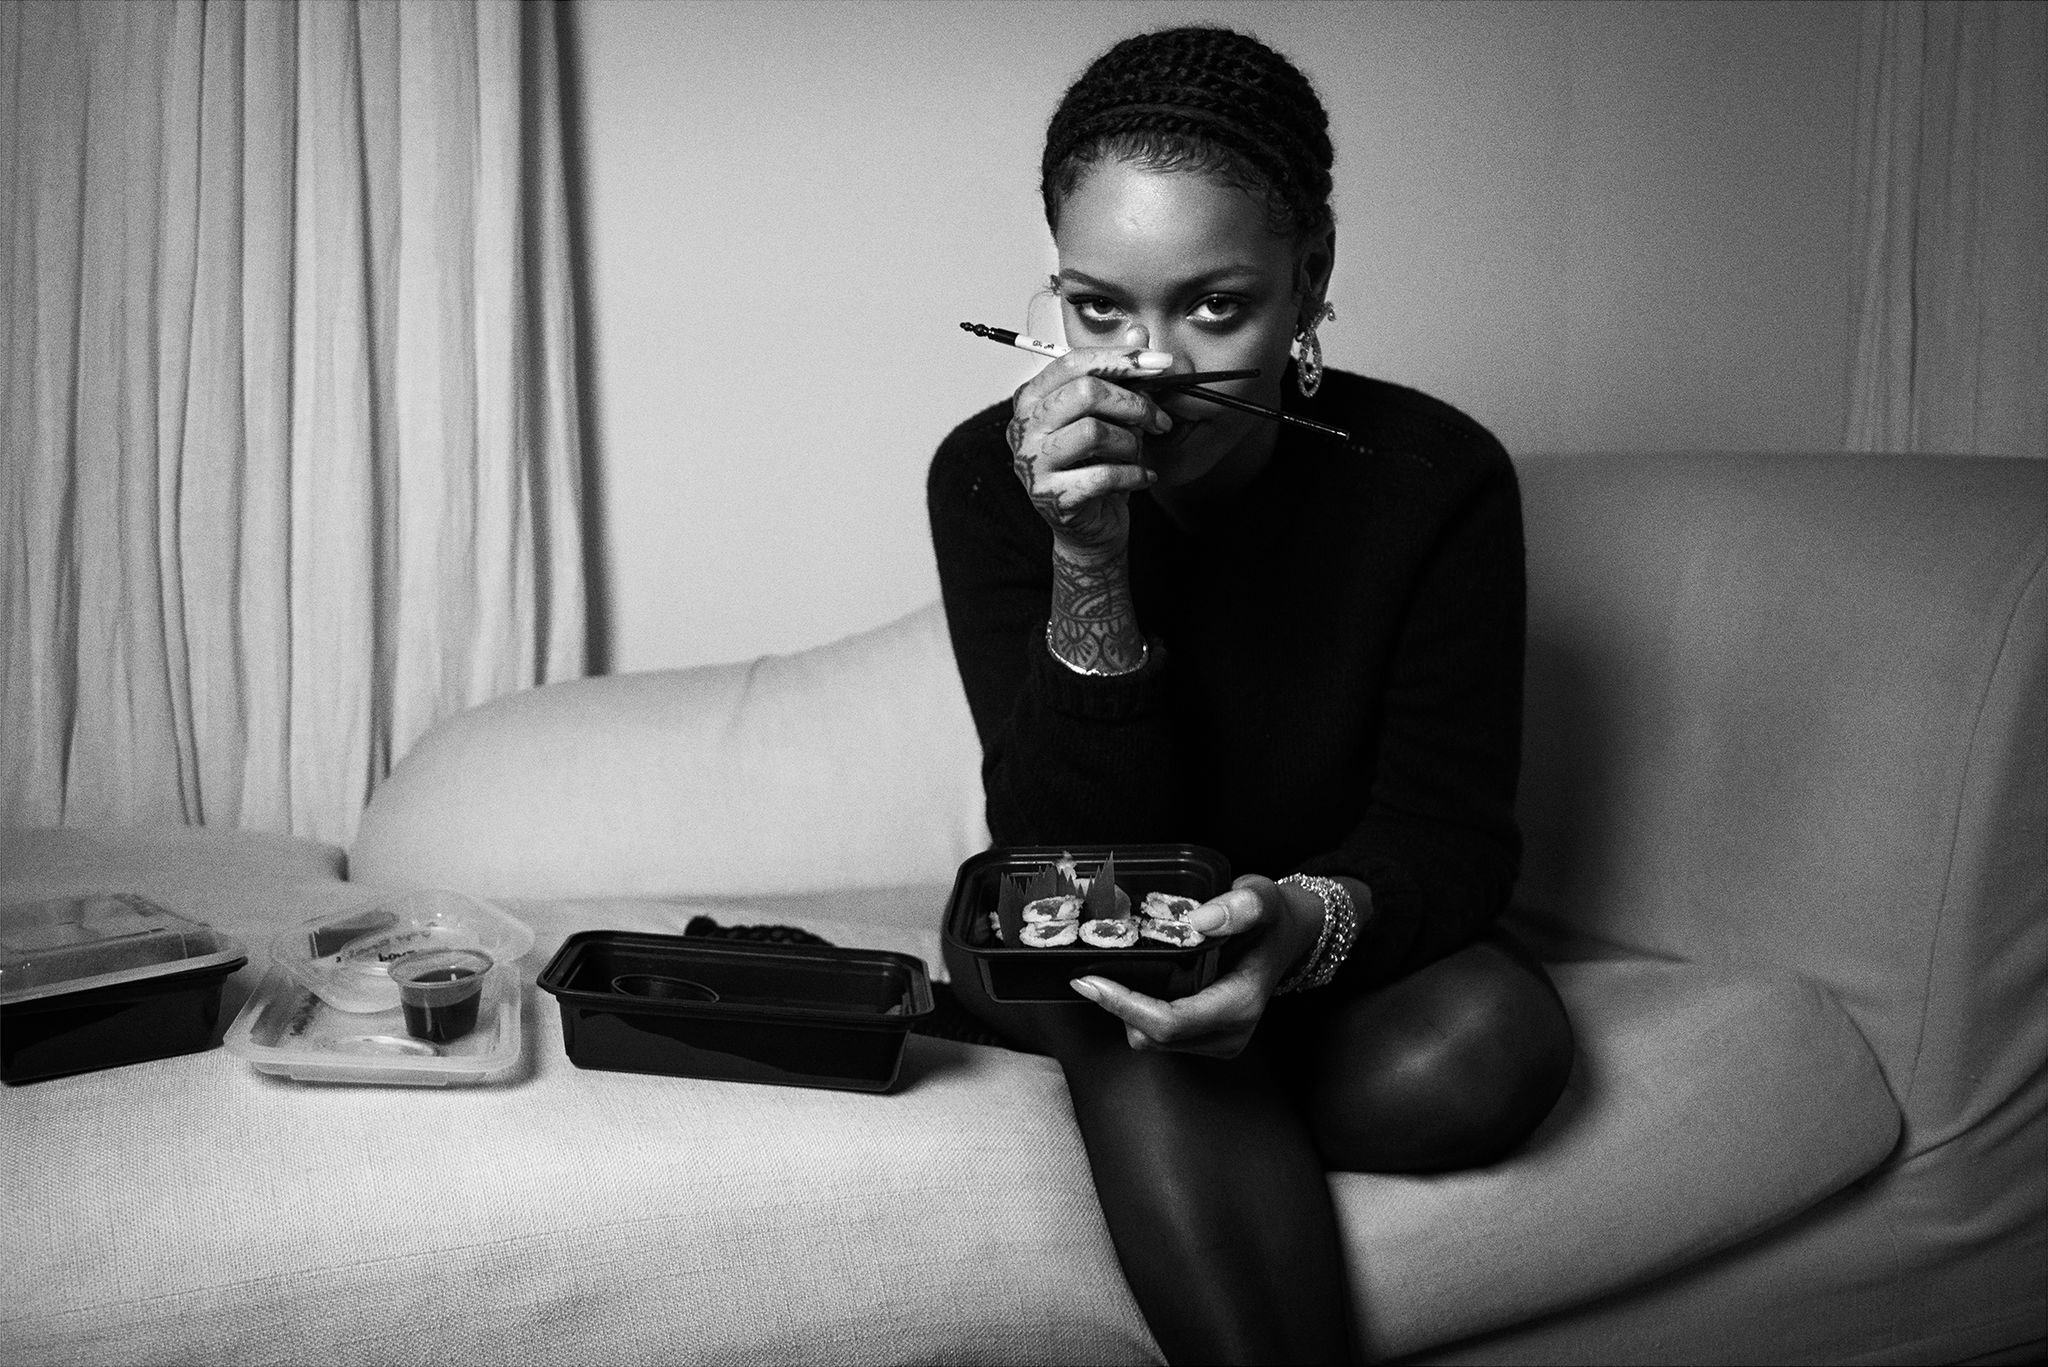 Rihanna  - Σελίδα 7 Hbz-september-2020-rihanna-05-1596038815